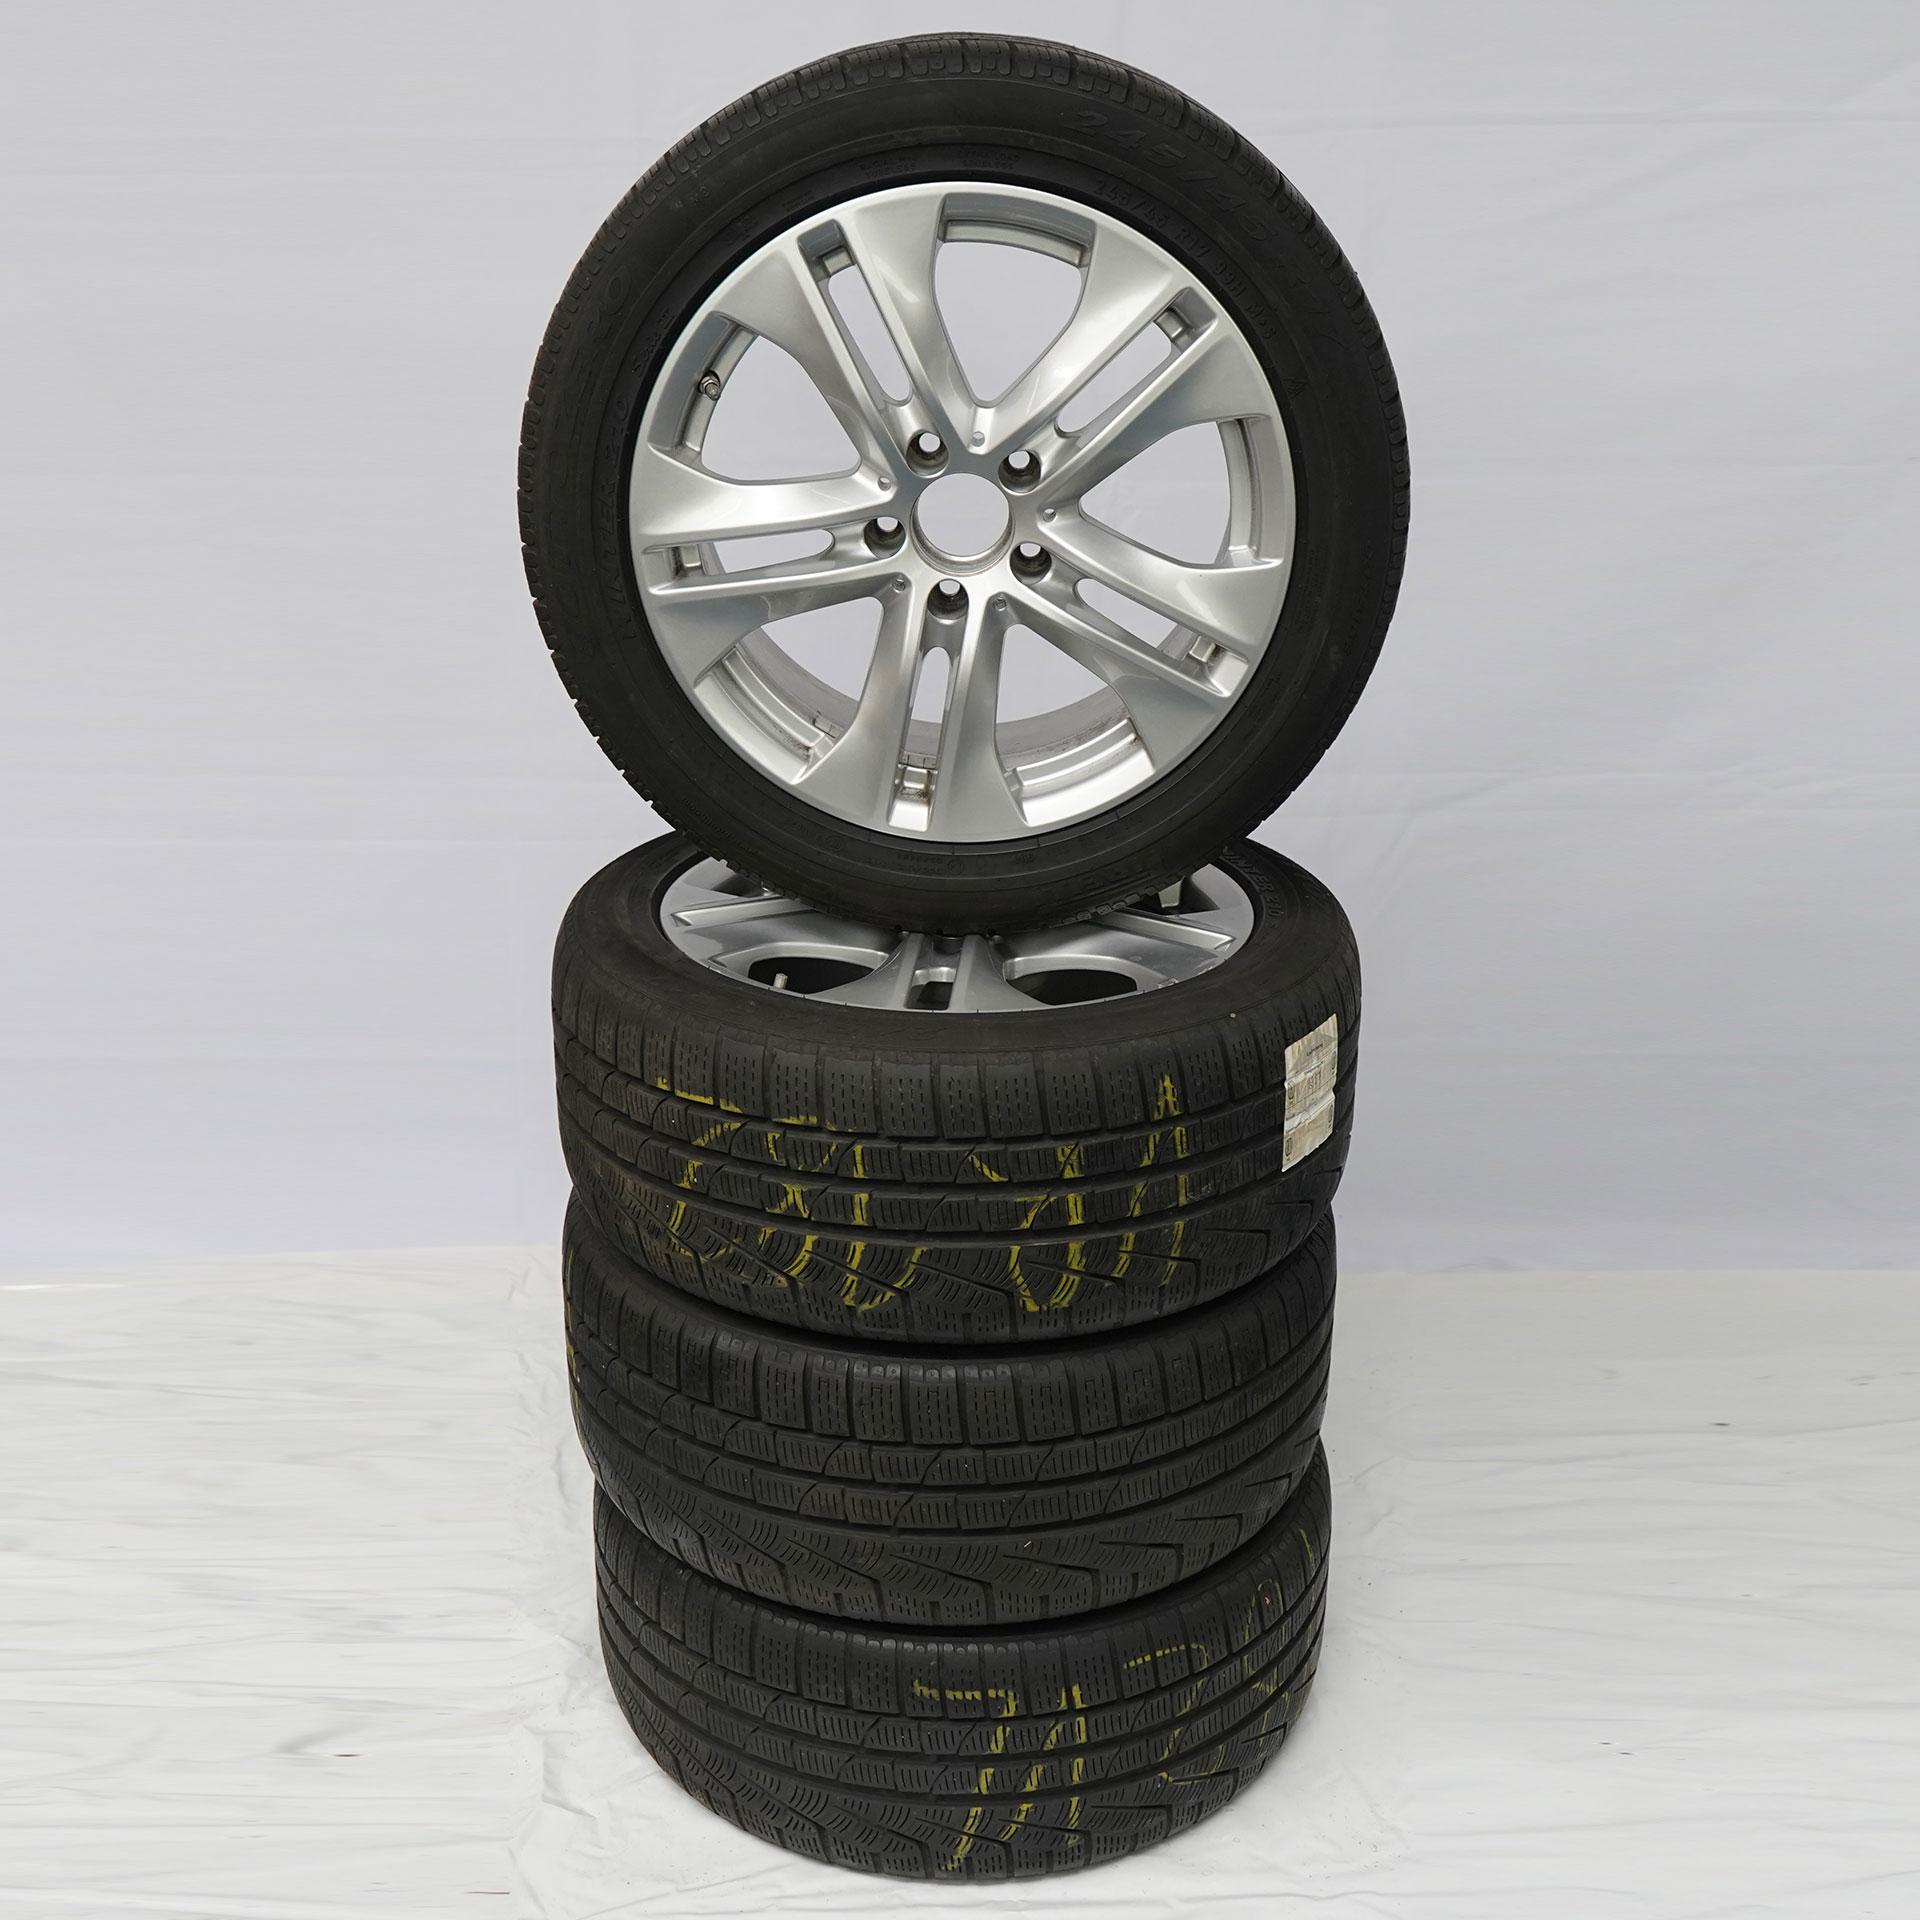 E-Klasse (212) Gebrauchter 17 Zoll Original Mercedes-Benz Winterkomplettrad-Satz Pirelli